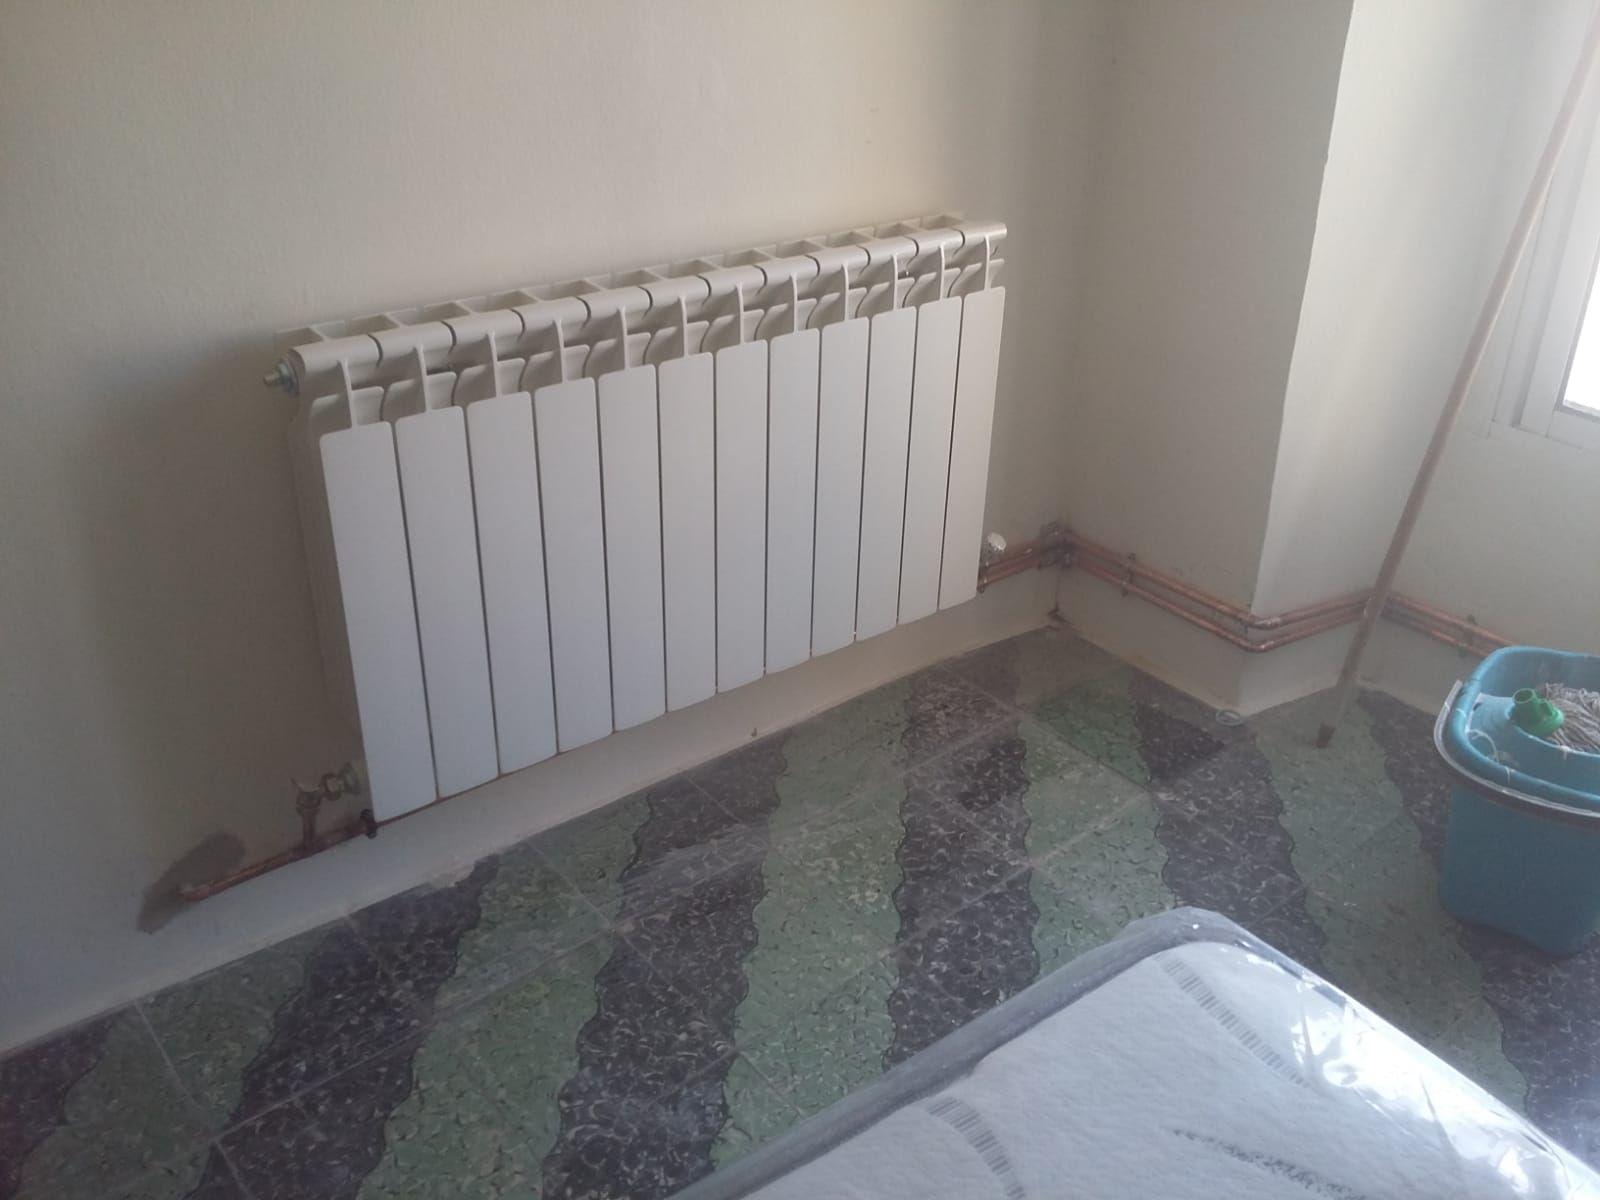 Instalación de calefacción en Mucientes, Valladolid